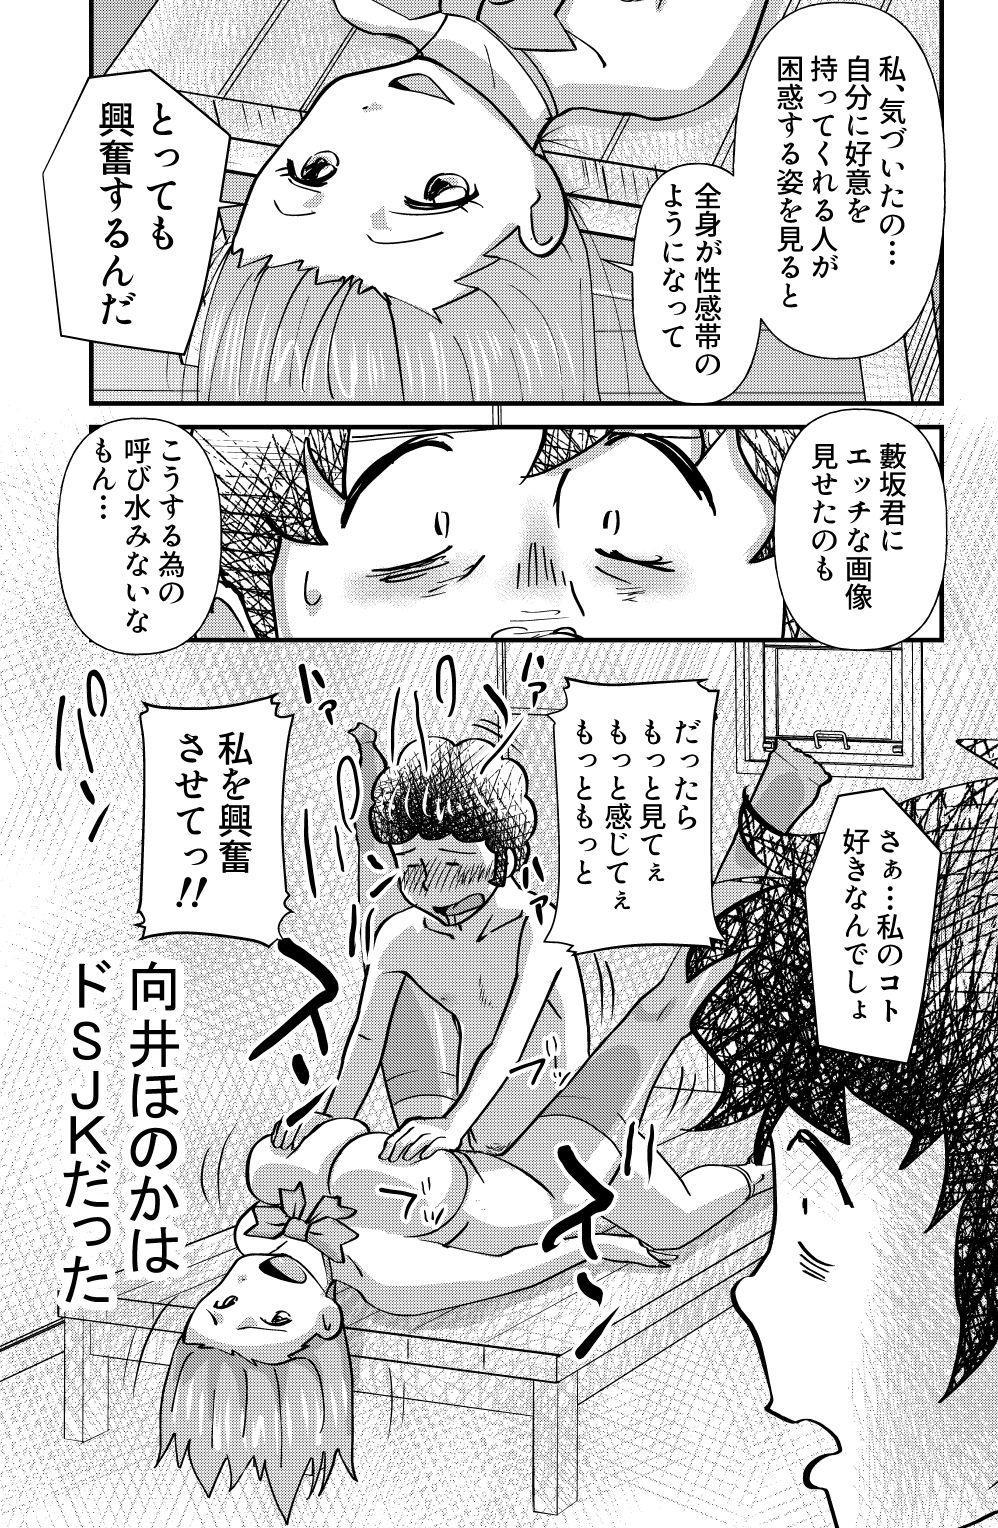 Otonashii-kei Joshi Mukai Honoka no Nichijou o Shitta Toki... 22